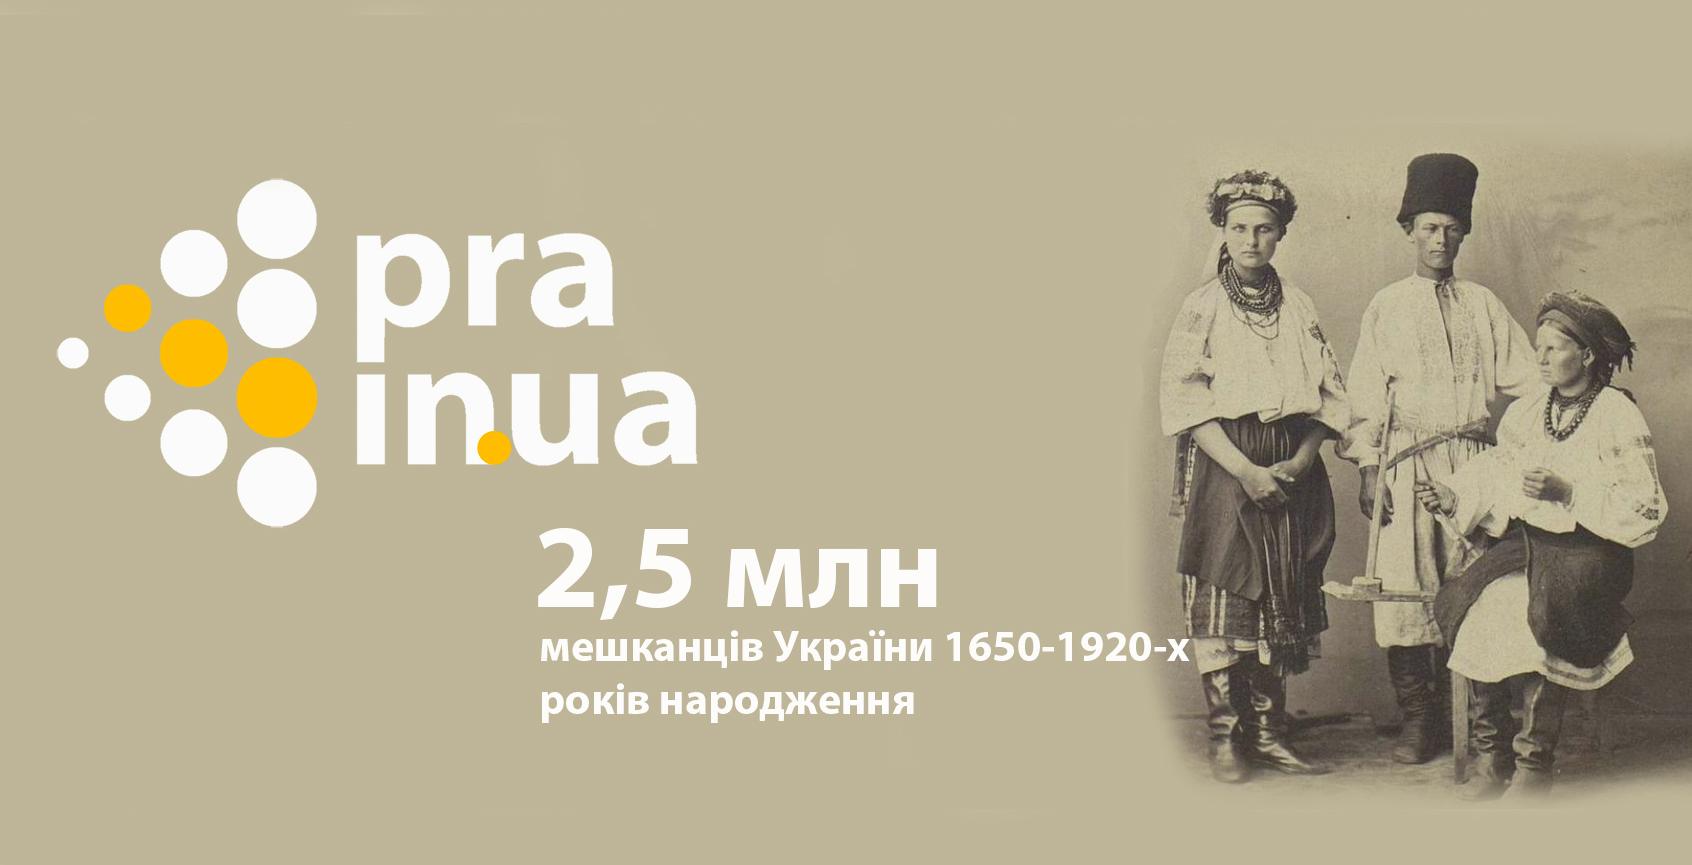 Картинки по запросу 1650-1920-ми годам украина